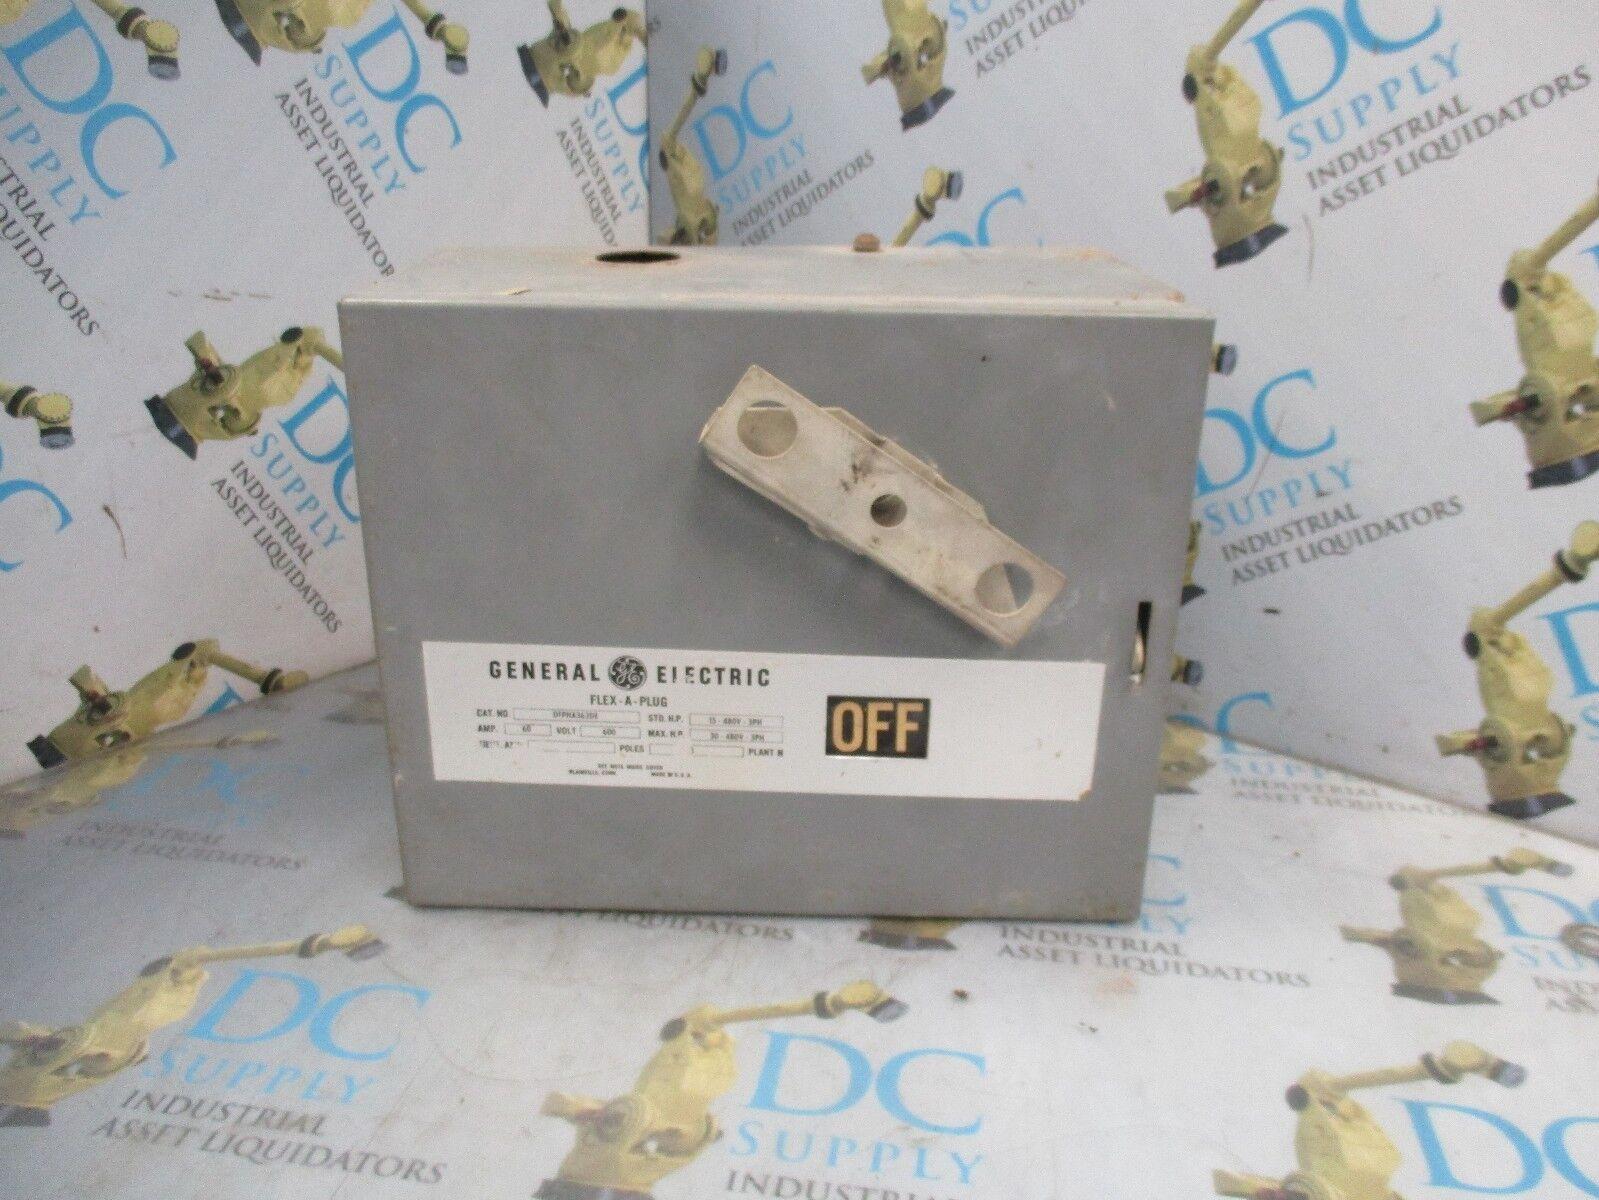 GENERAL ELECTRIC DFPHA362DE 60 A 600 V 3 PH 50 HP 3 P BUS PLUG ENCLOSURE